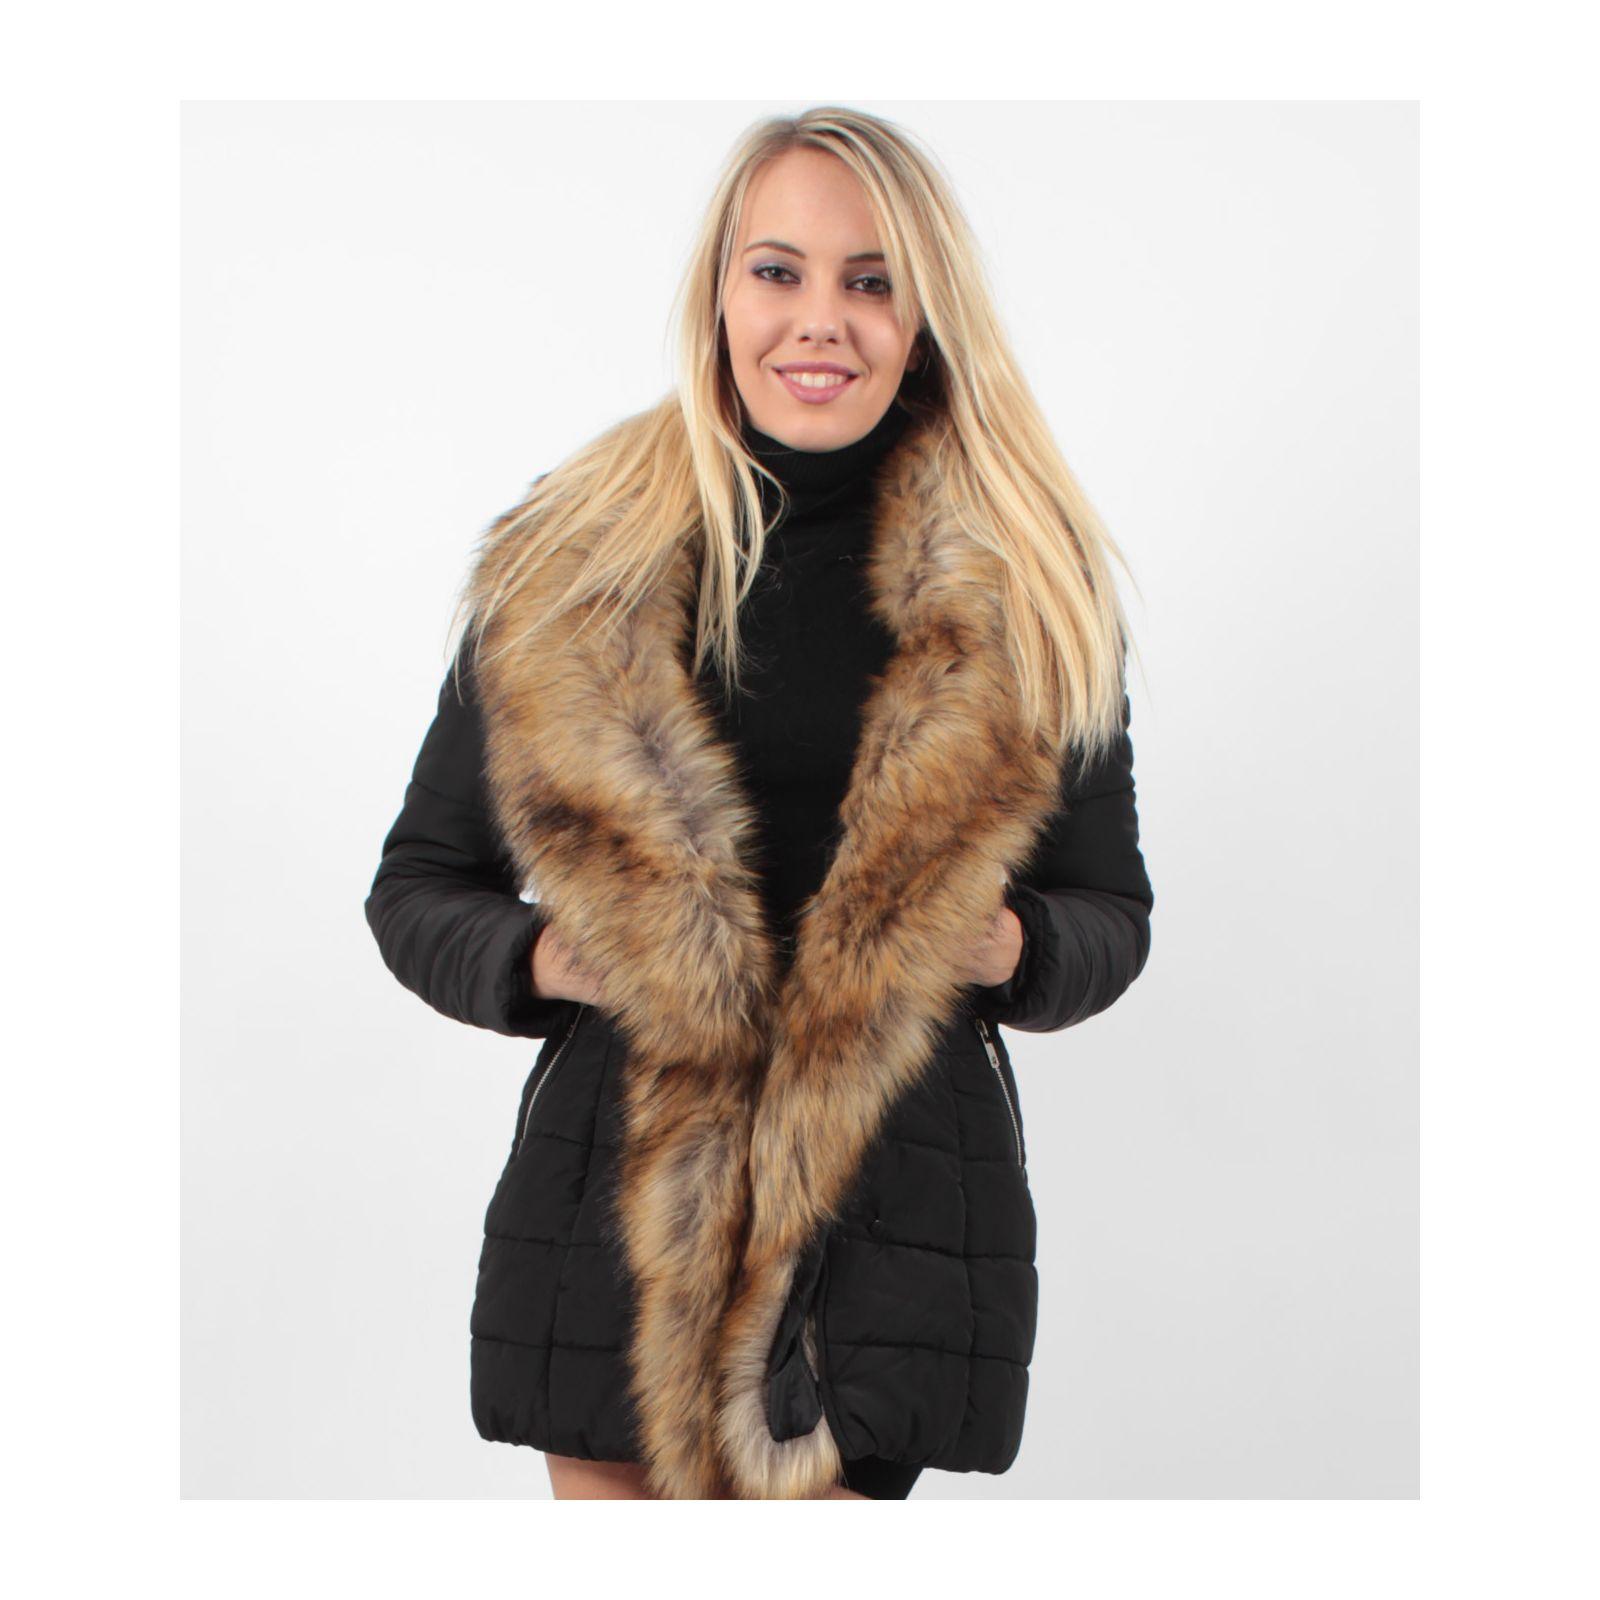 Je veux trouver une doudoune de marque femme qui tient chaud pas cher ICI  Grosse doudoune femme pas cher 49bf9a22089